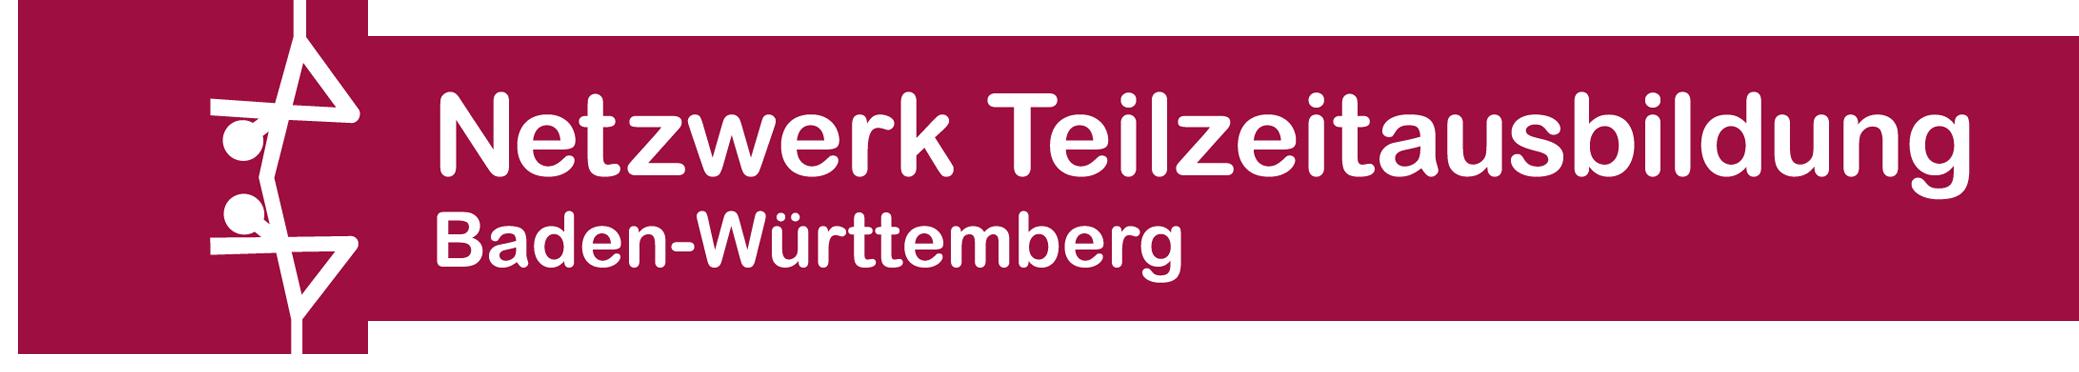 Logo des Netzwerk Teilzeitausbildung Baden-Württemberg